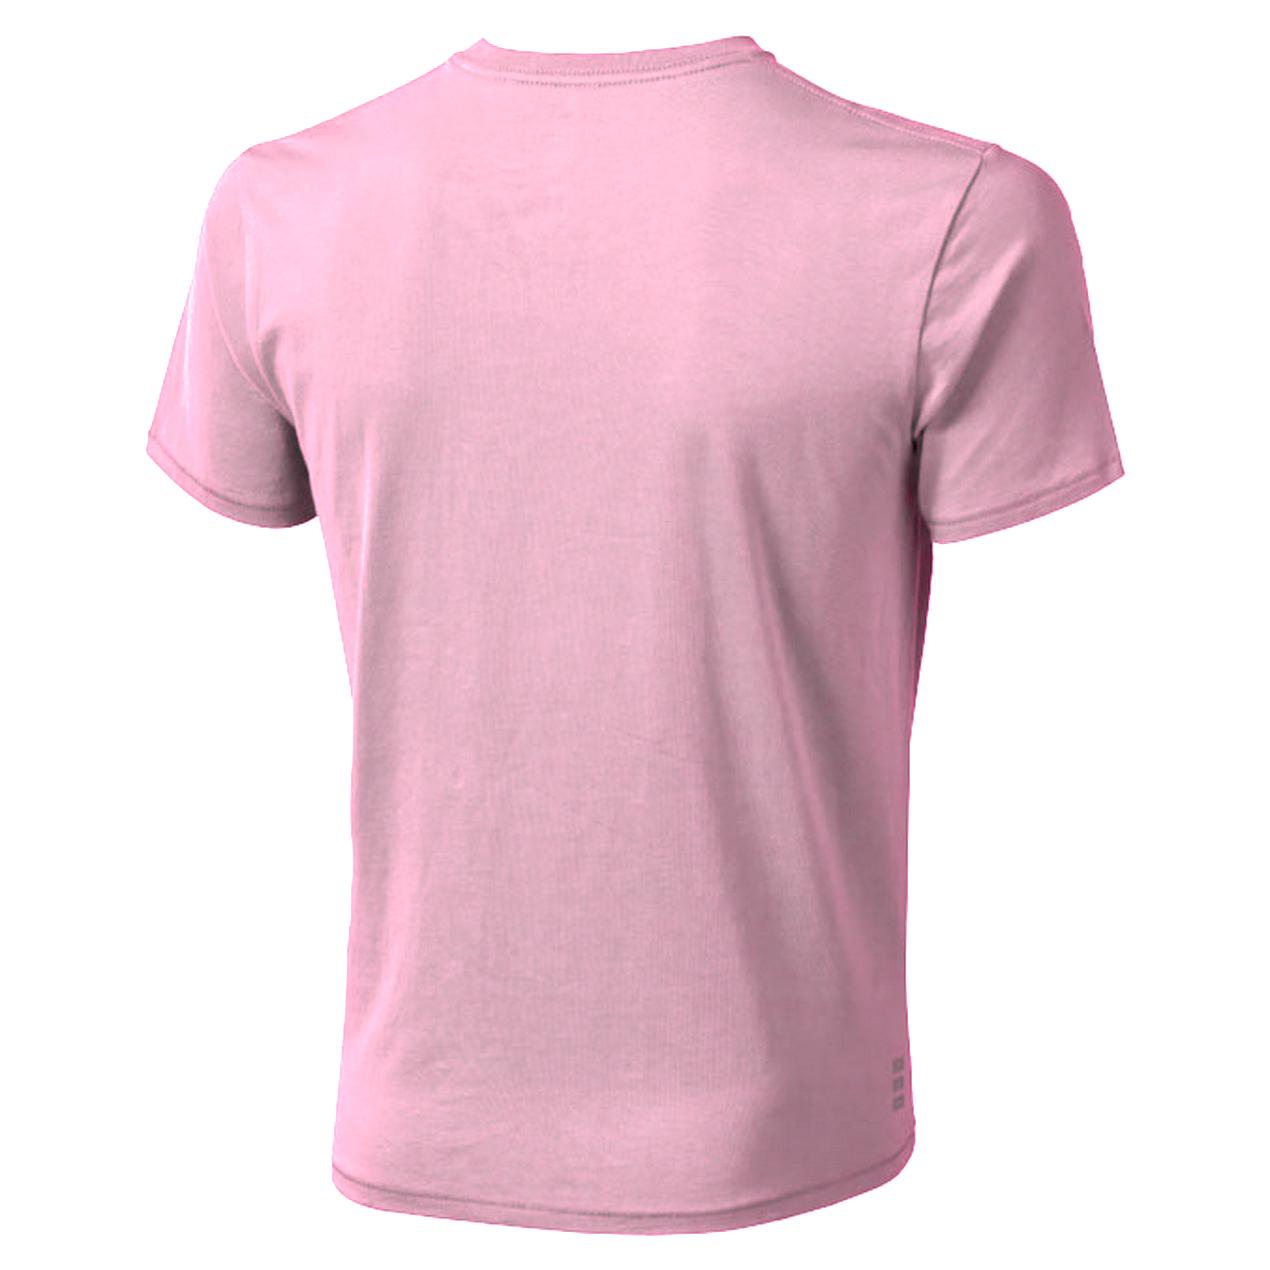 Elevate-Mens-Nanaimo-Short-Sleeve-T-Shirt-PF1807 thumbnail 24